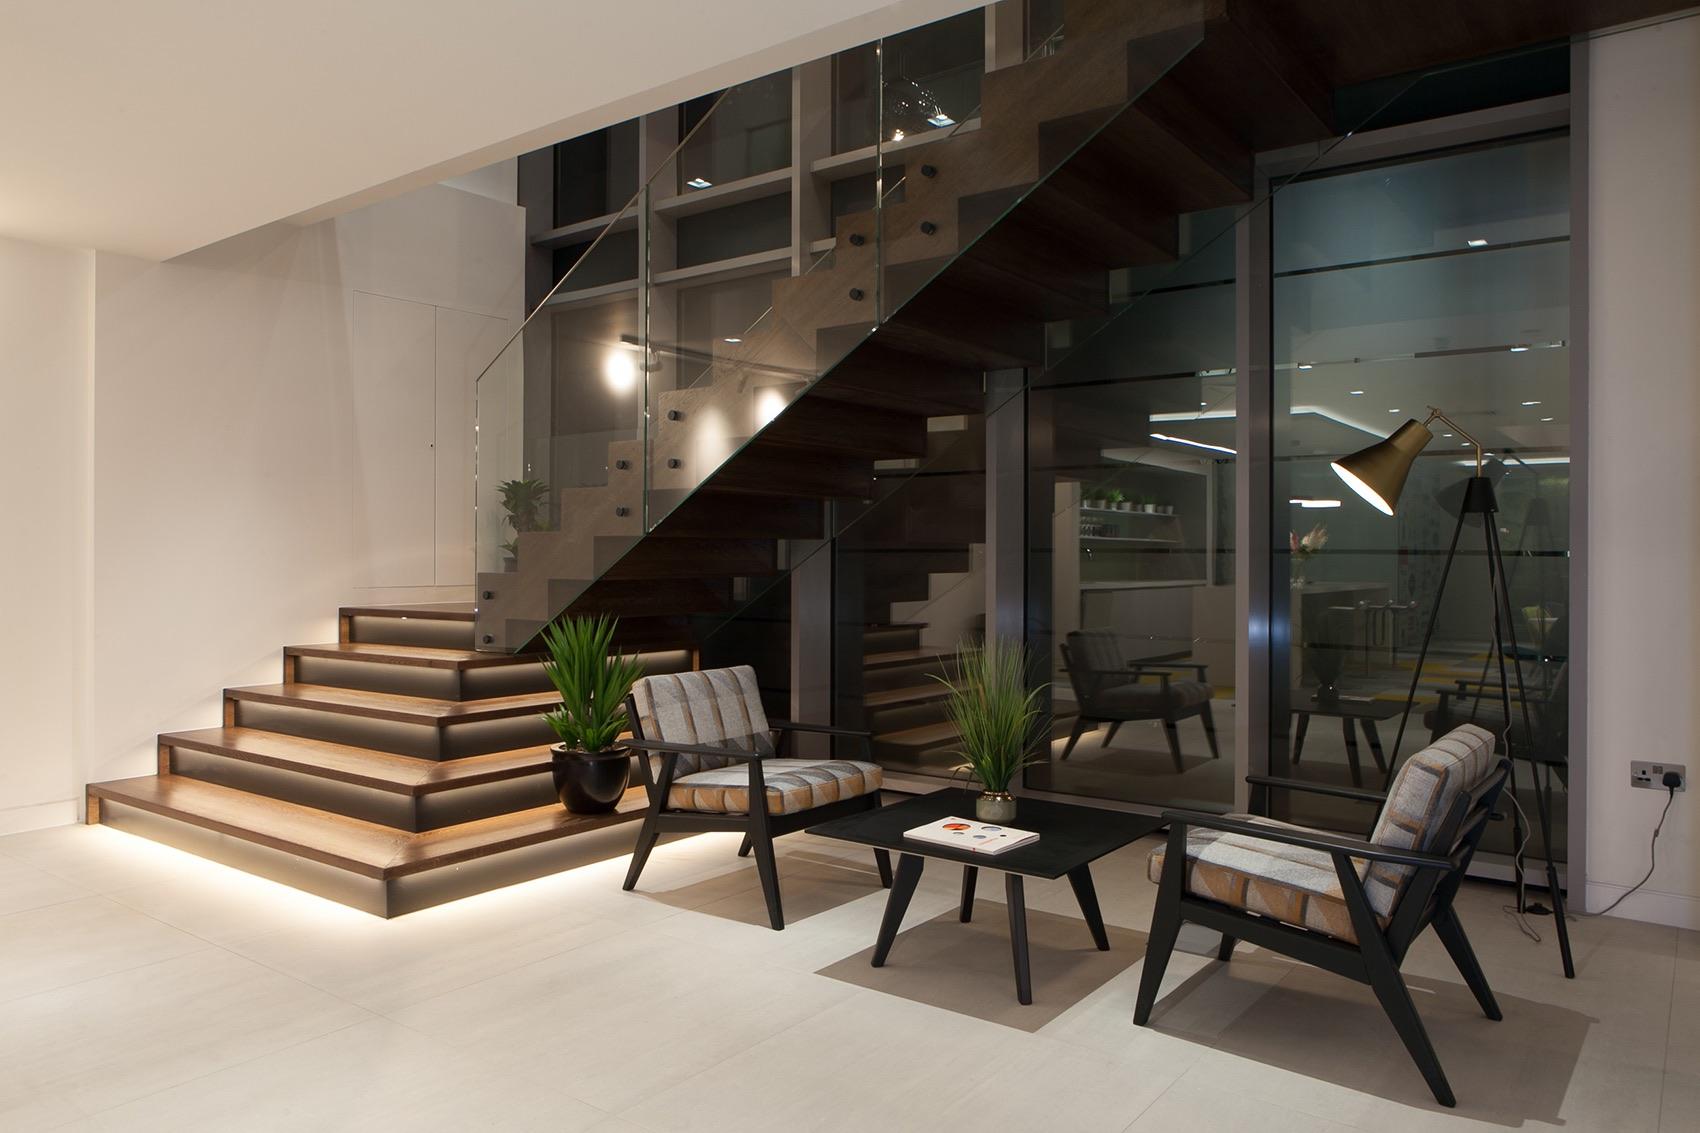 mdc-london-office-3